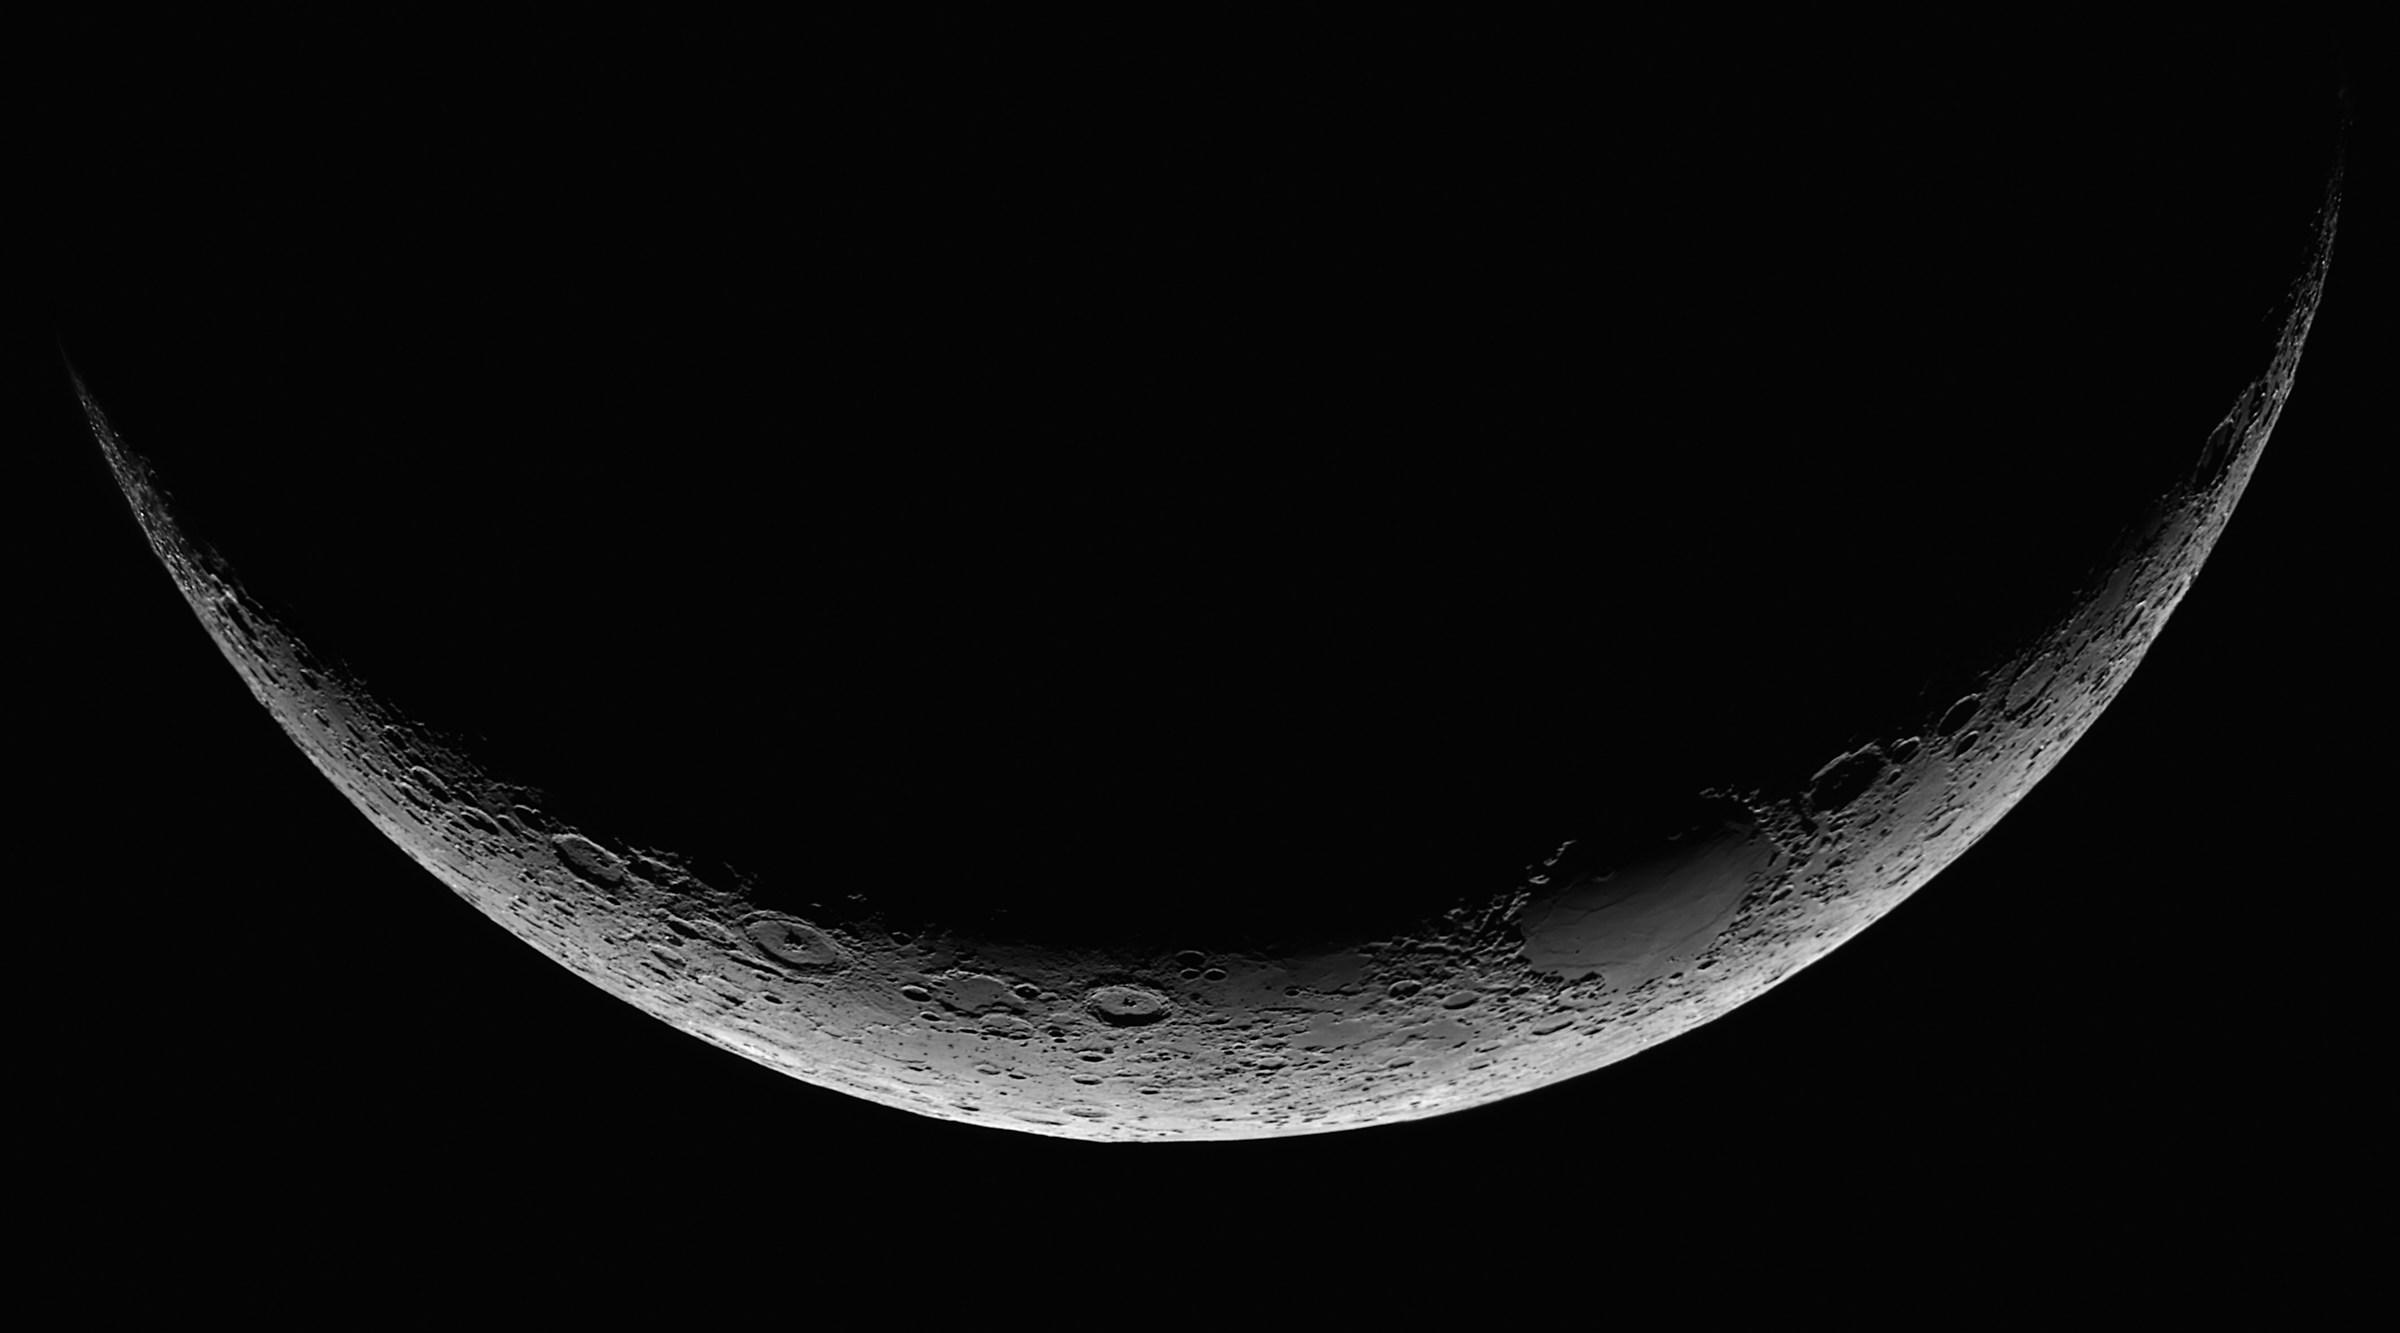 """La luna ... """"a barchetta"""" di Paolo Giannetti"""